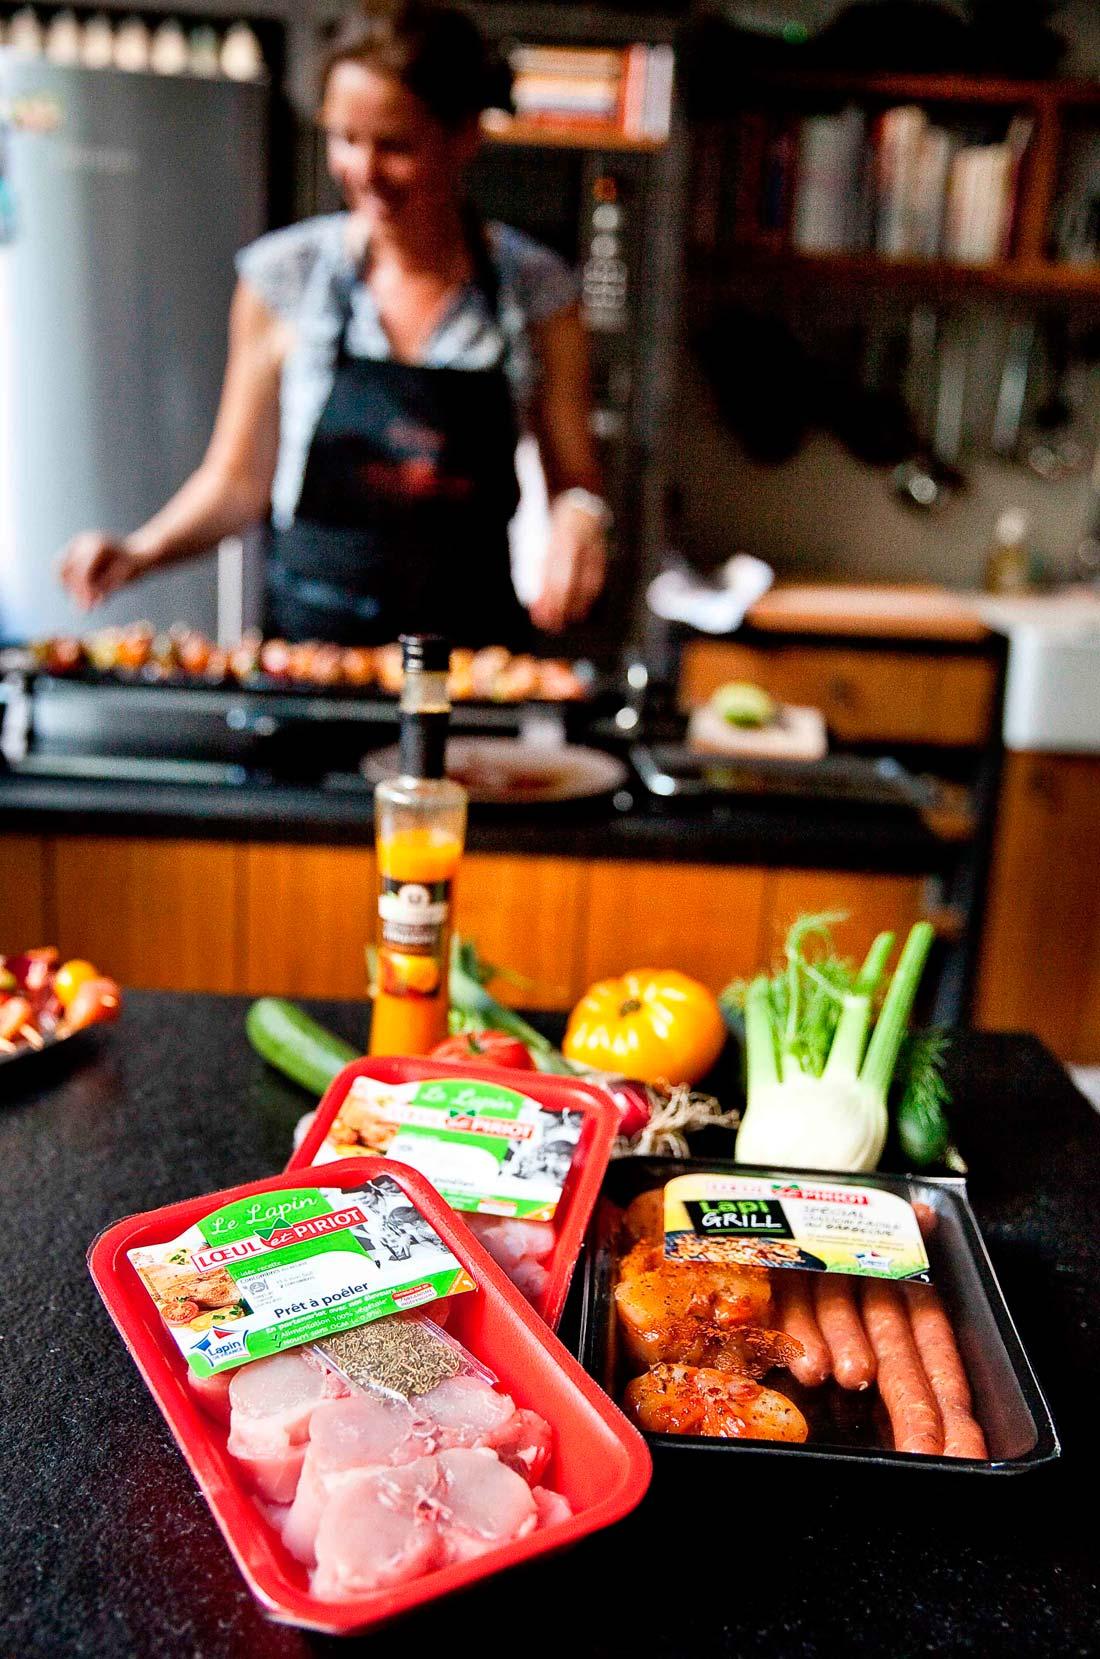 Loeul et Piriot Produits en cuisine